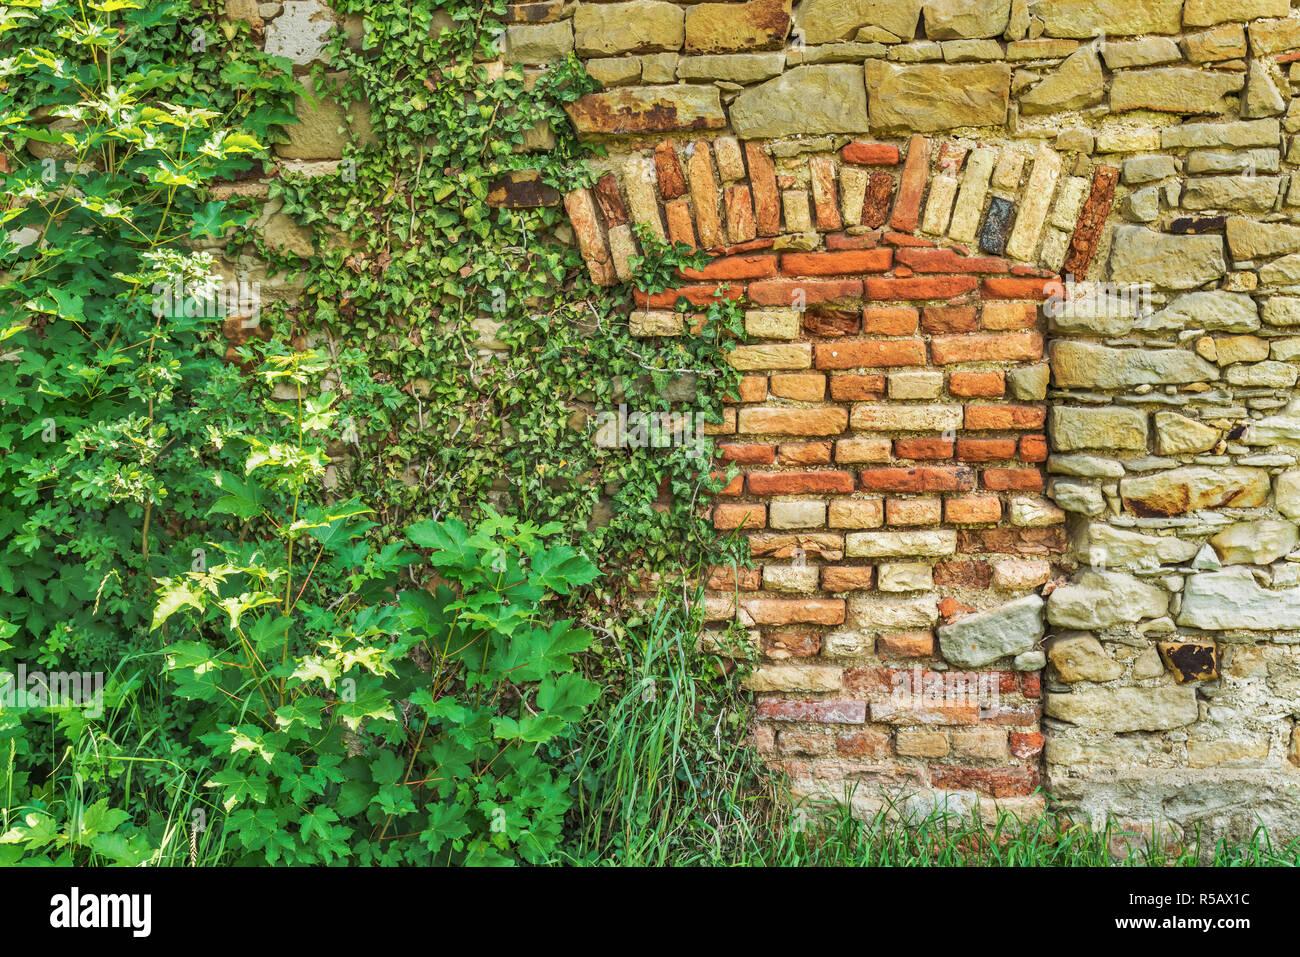 Vista in dettaglio di un muro di mattoni, un ingresso è stata murata chiuso. Piante verdi crescere sulla parete. Immagini Stock